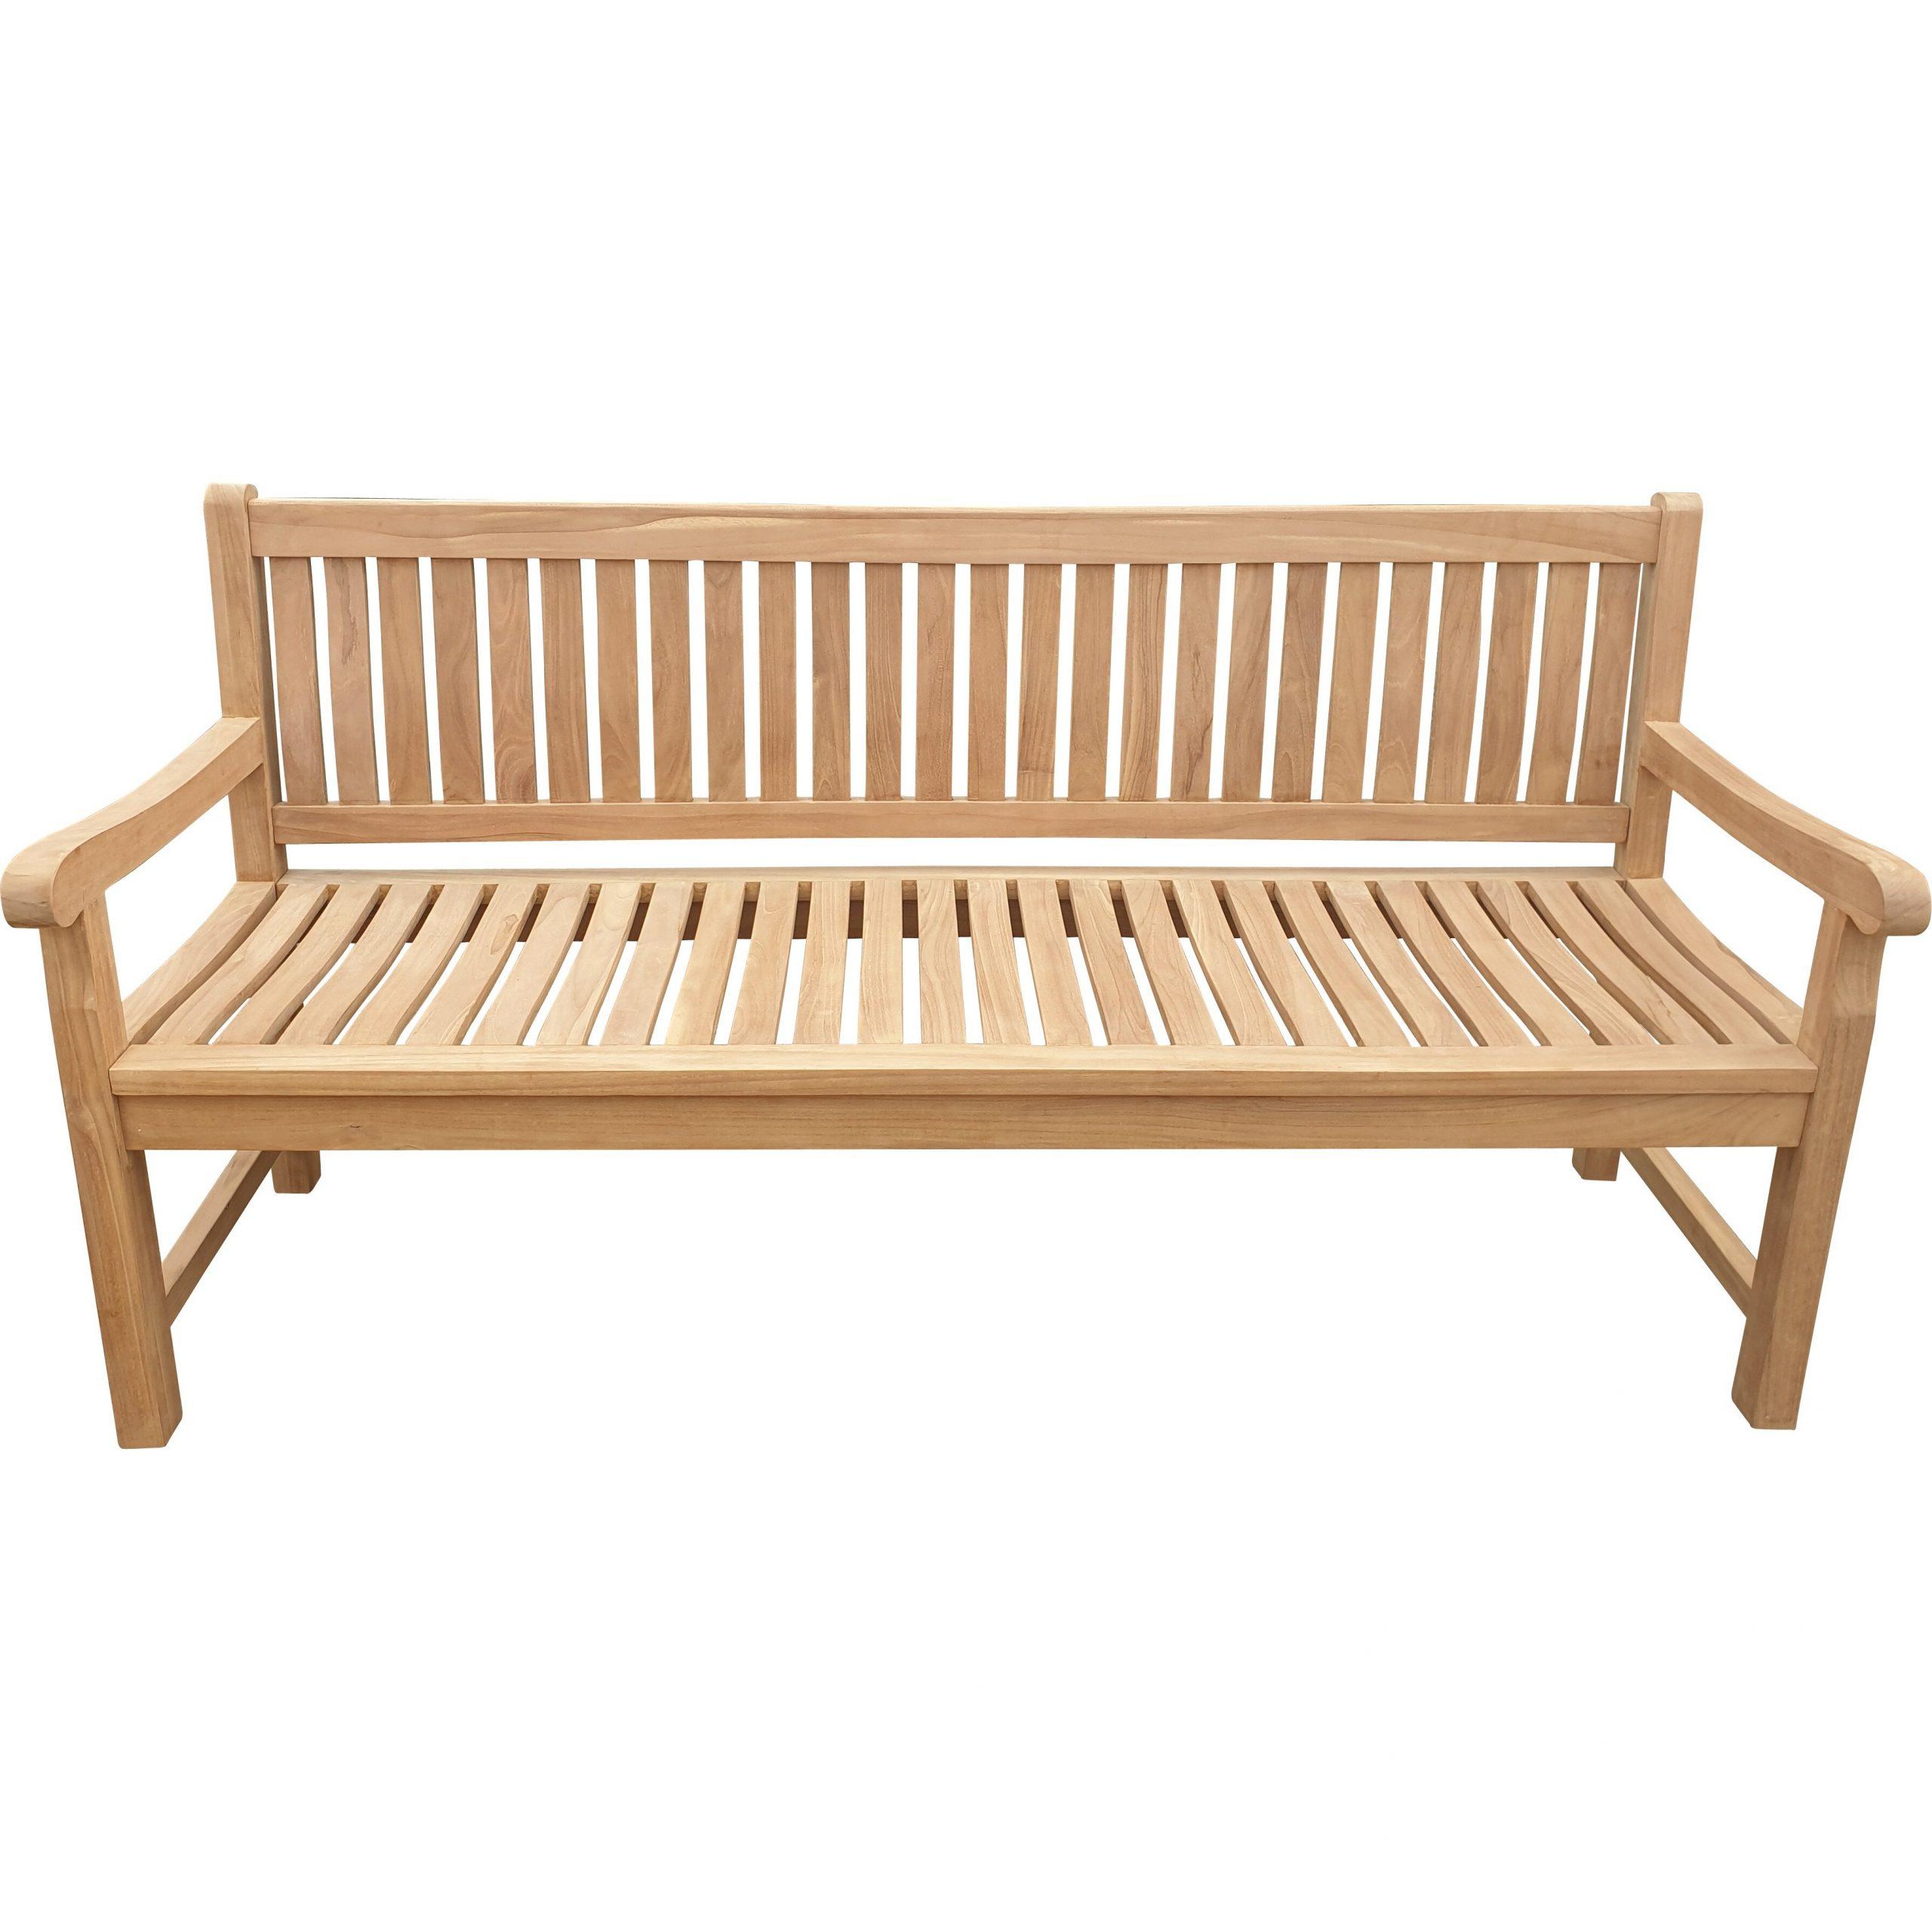 Casson Teak Garden Bench With Regard To Preferred Hampstead Heath Teak Garden Benches (View 23 of 30)